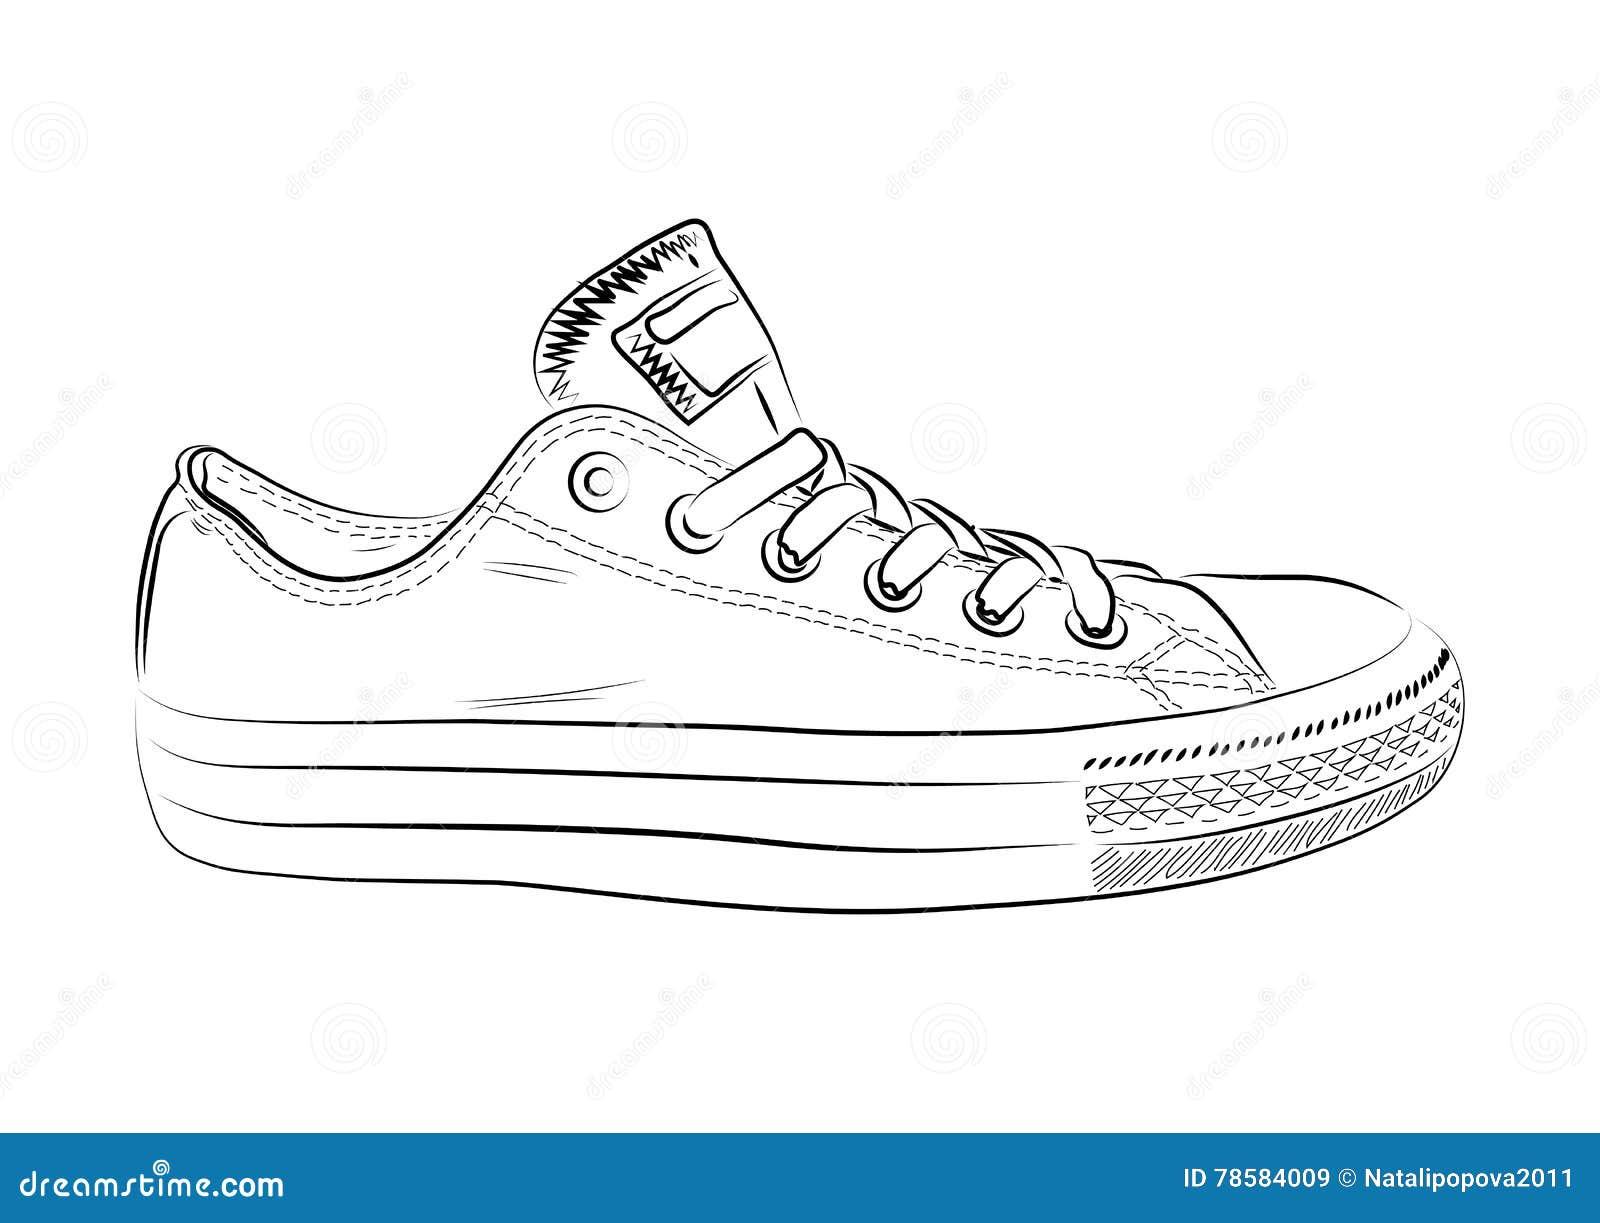 Q18t7nw Illustration Sports Croquis Des Fond Chaussures Un Blanc Sur De bv7Y6yfg